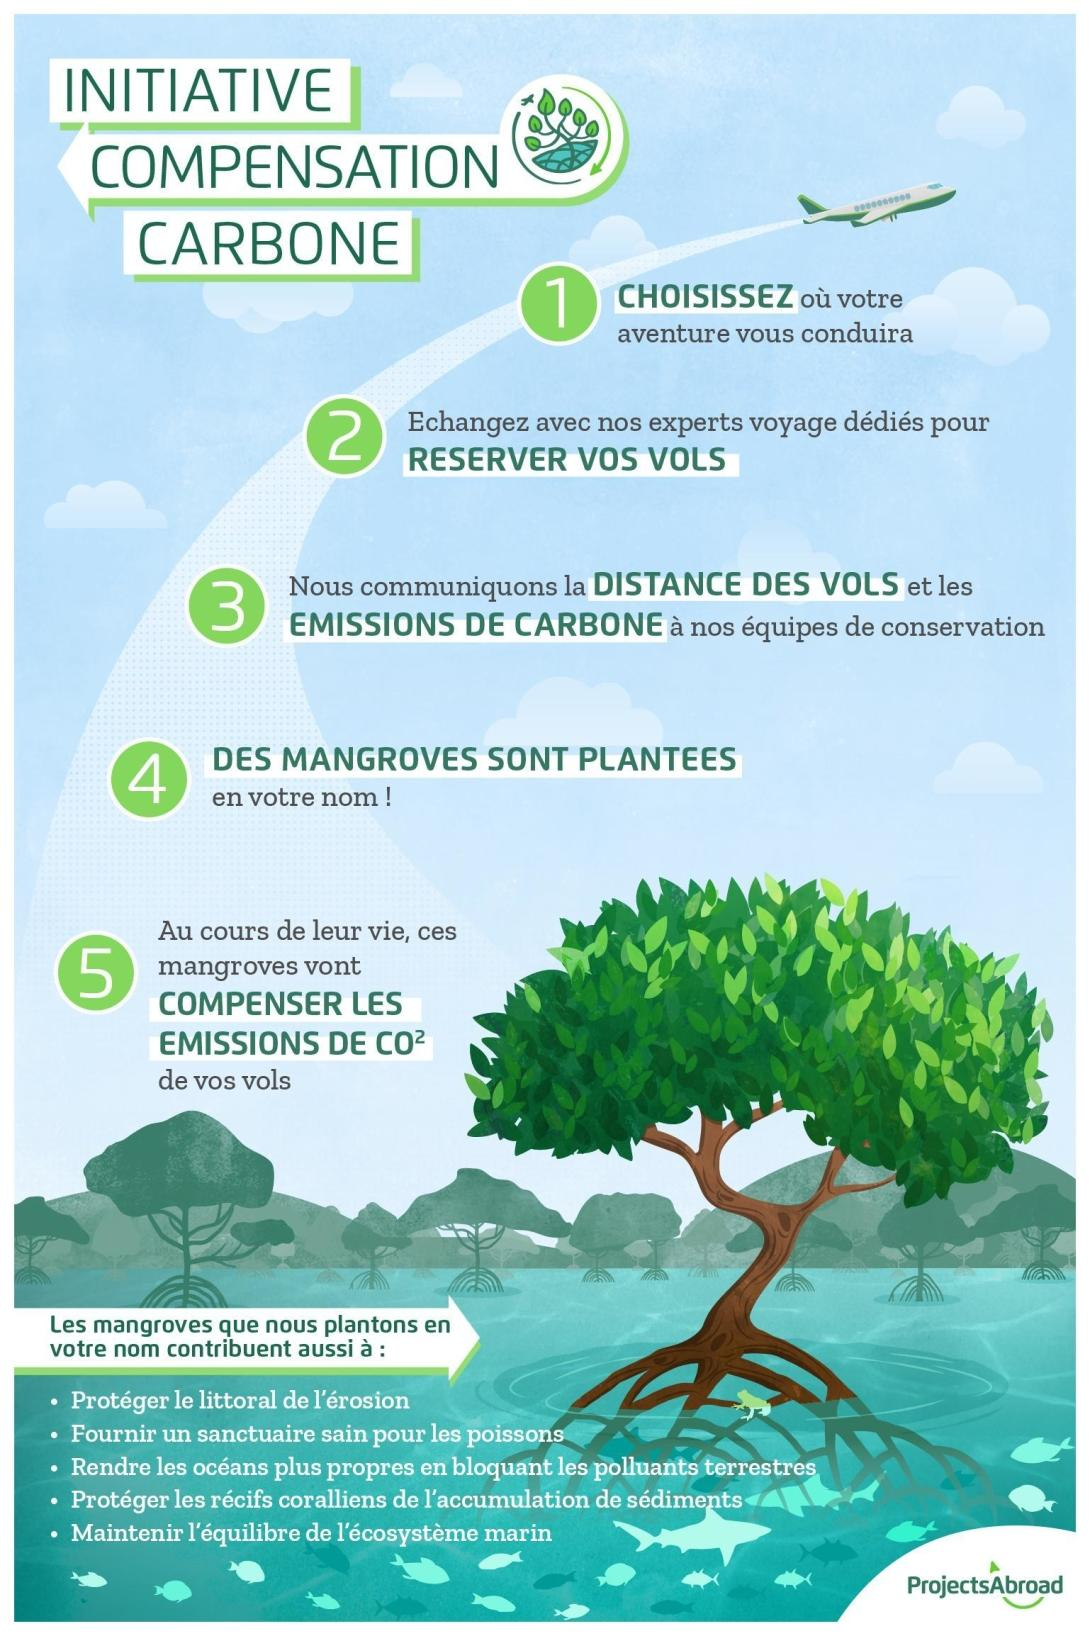 Infographie montrant comment on peut réduire votre empreinte carbone en plantant des mangroves.